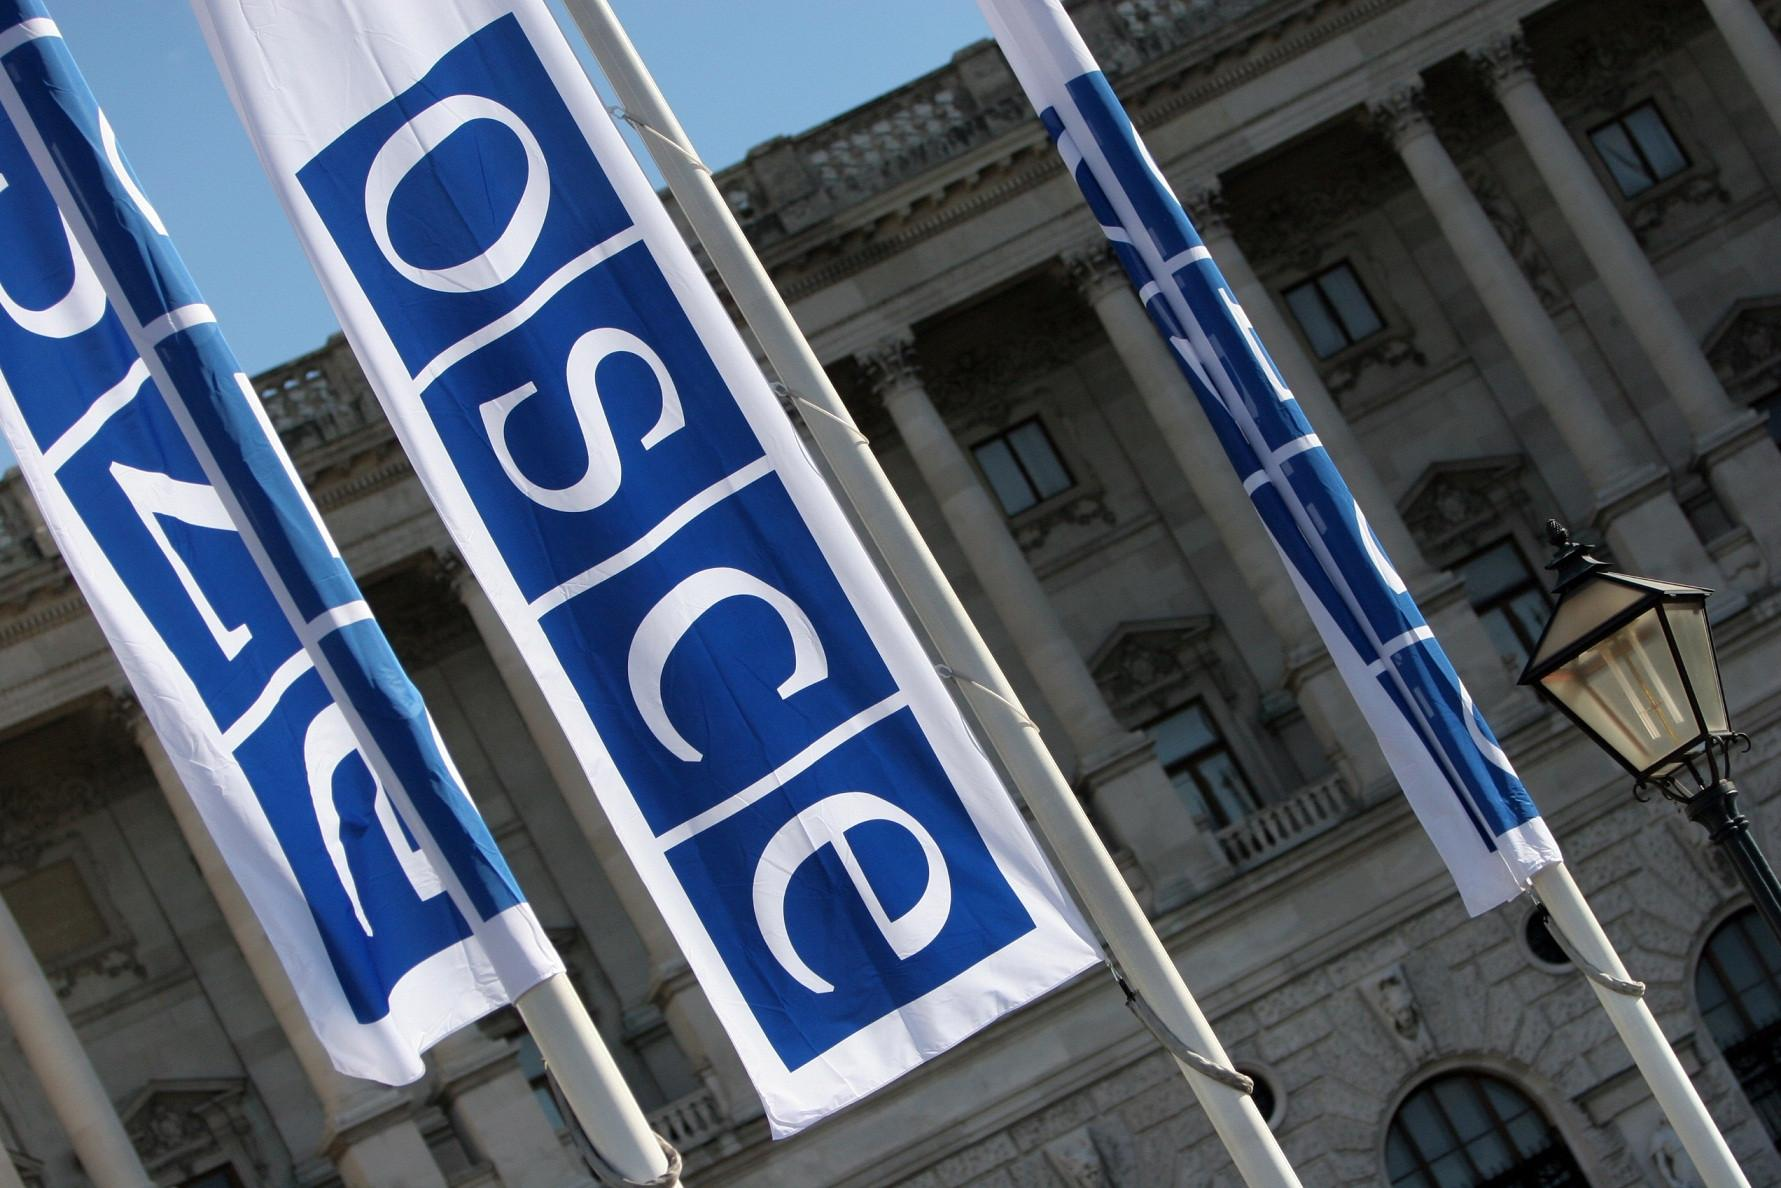 Назван бюджет Минской группы ОБСЕ и офиса Каспшика на этот год